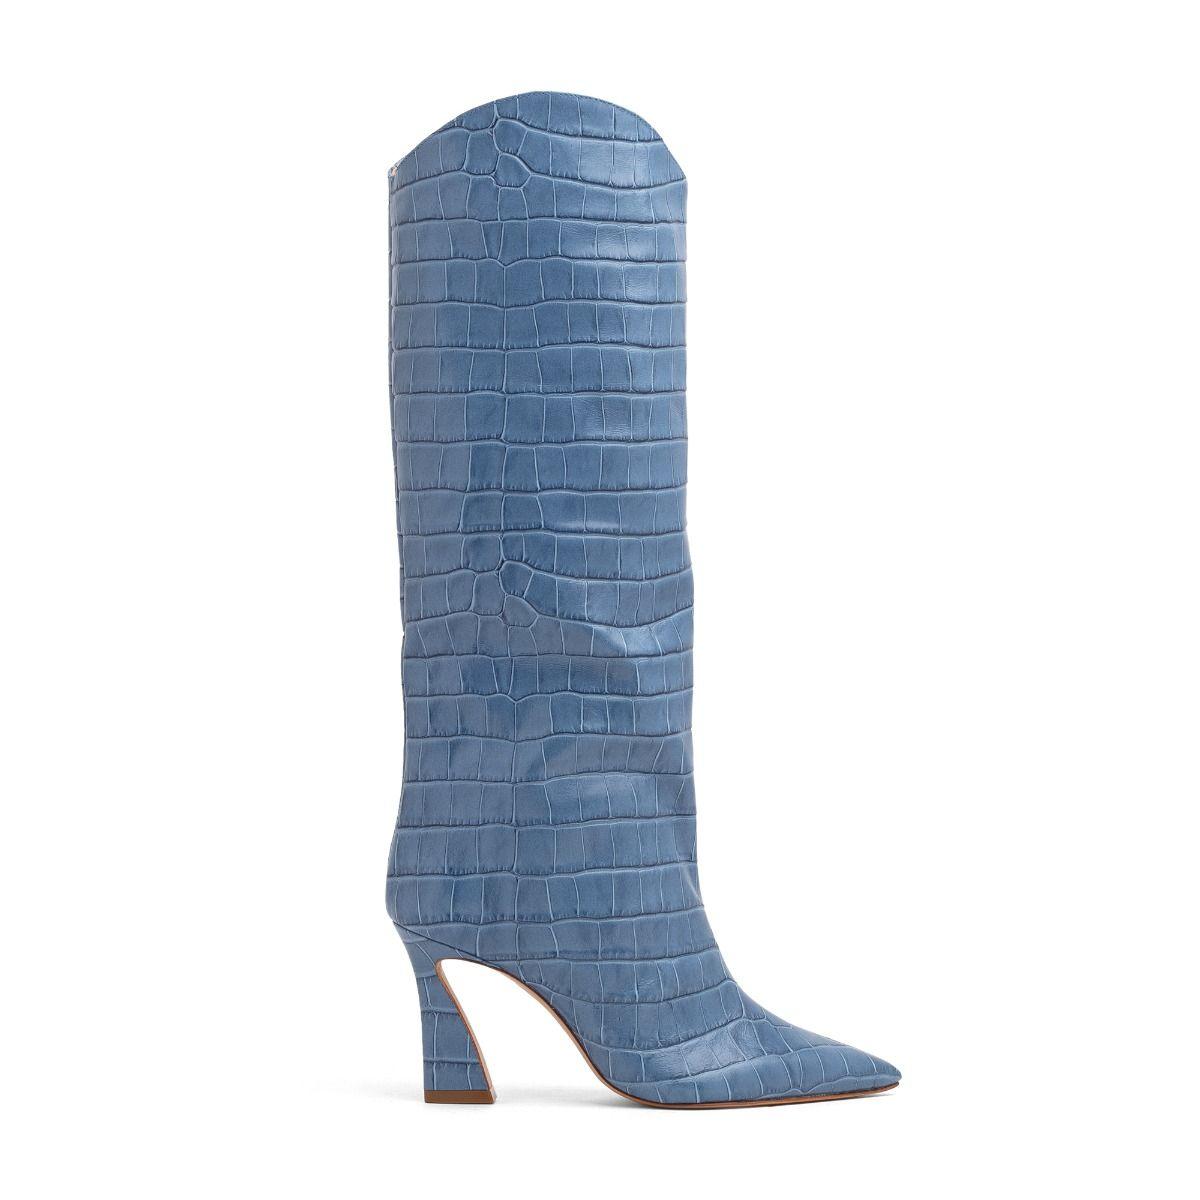 Maryana flare boots